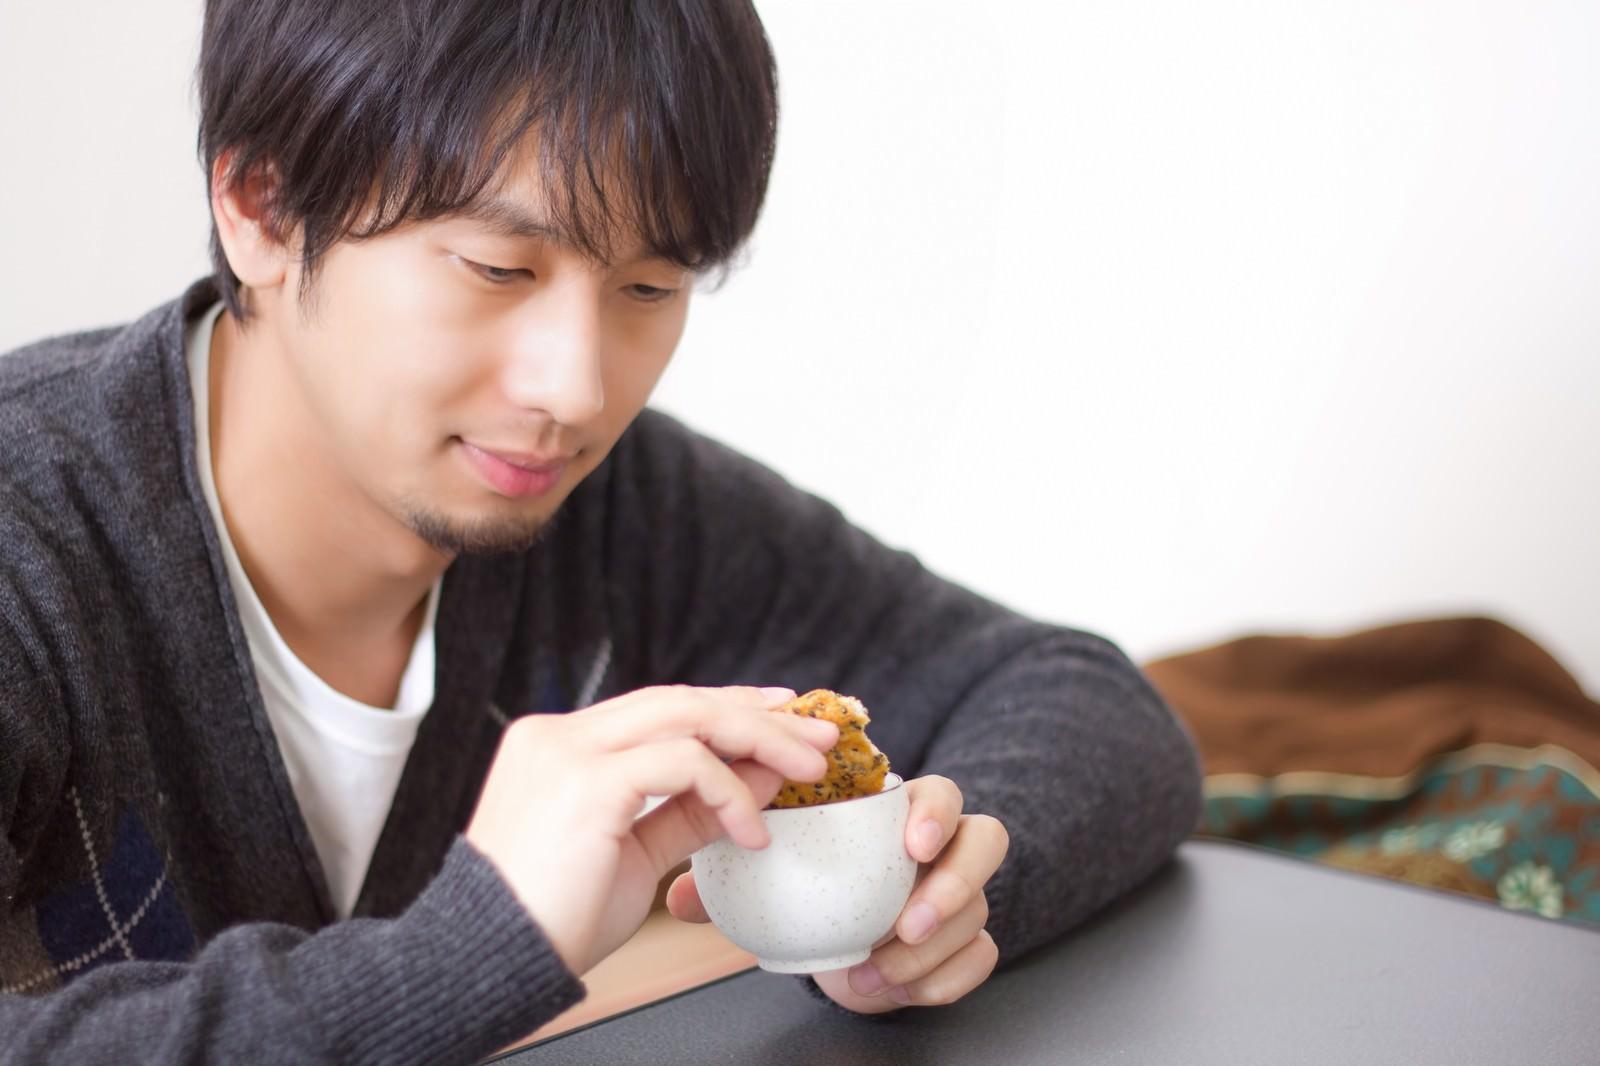 「せんべいをお茶につけてふやかす男性」の写真[モデル:大川竜弥]